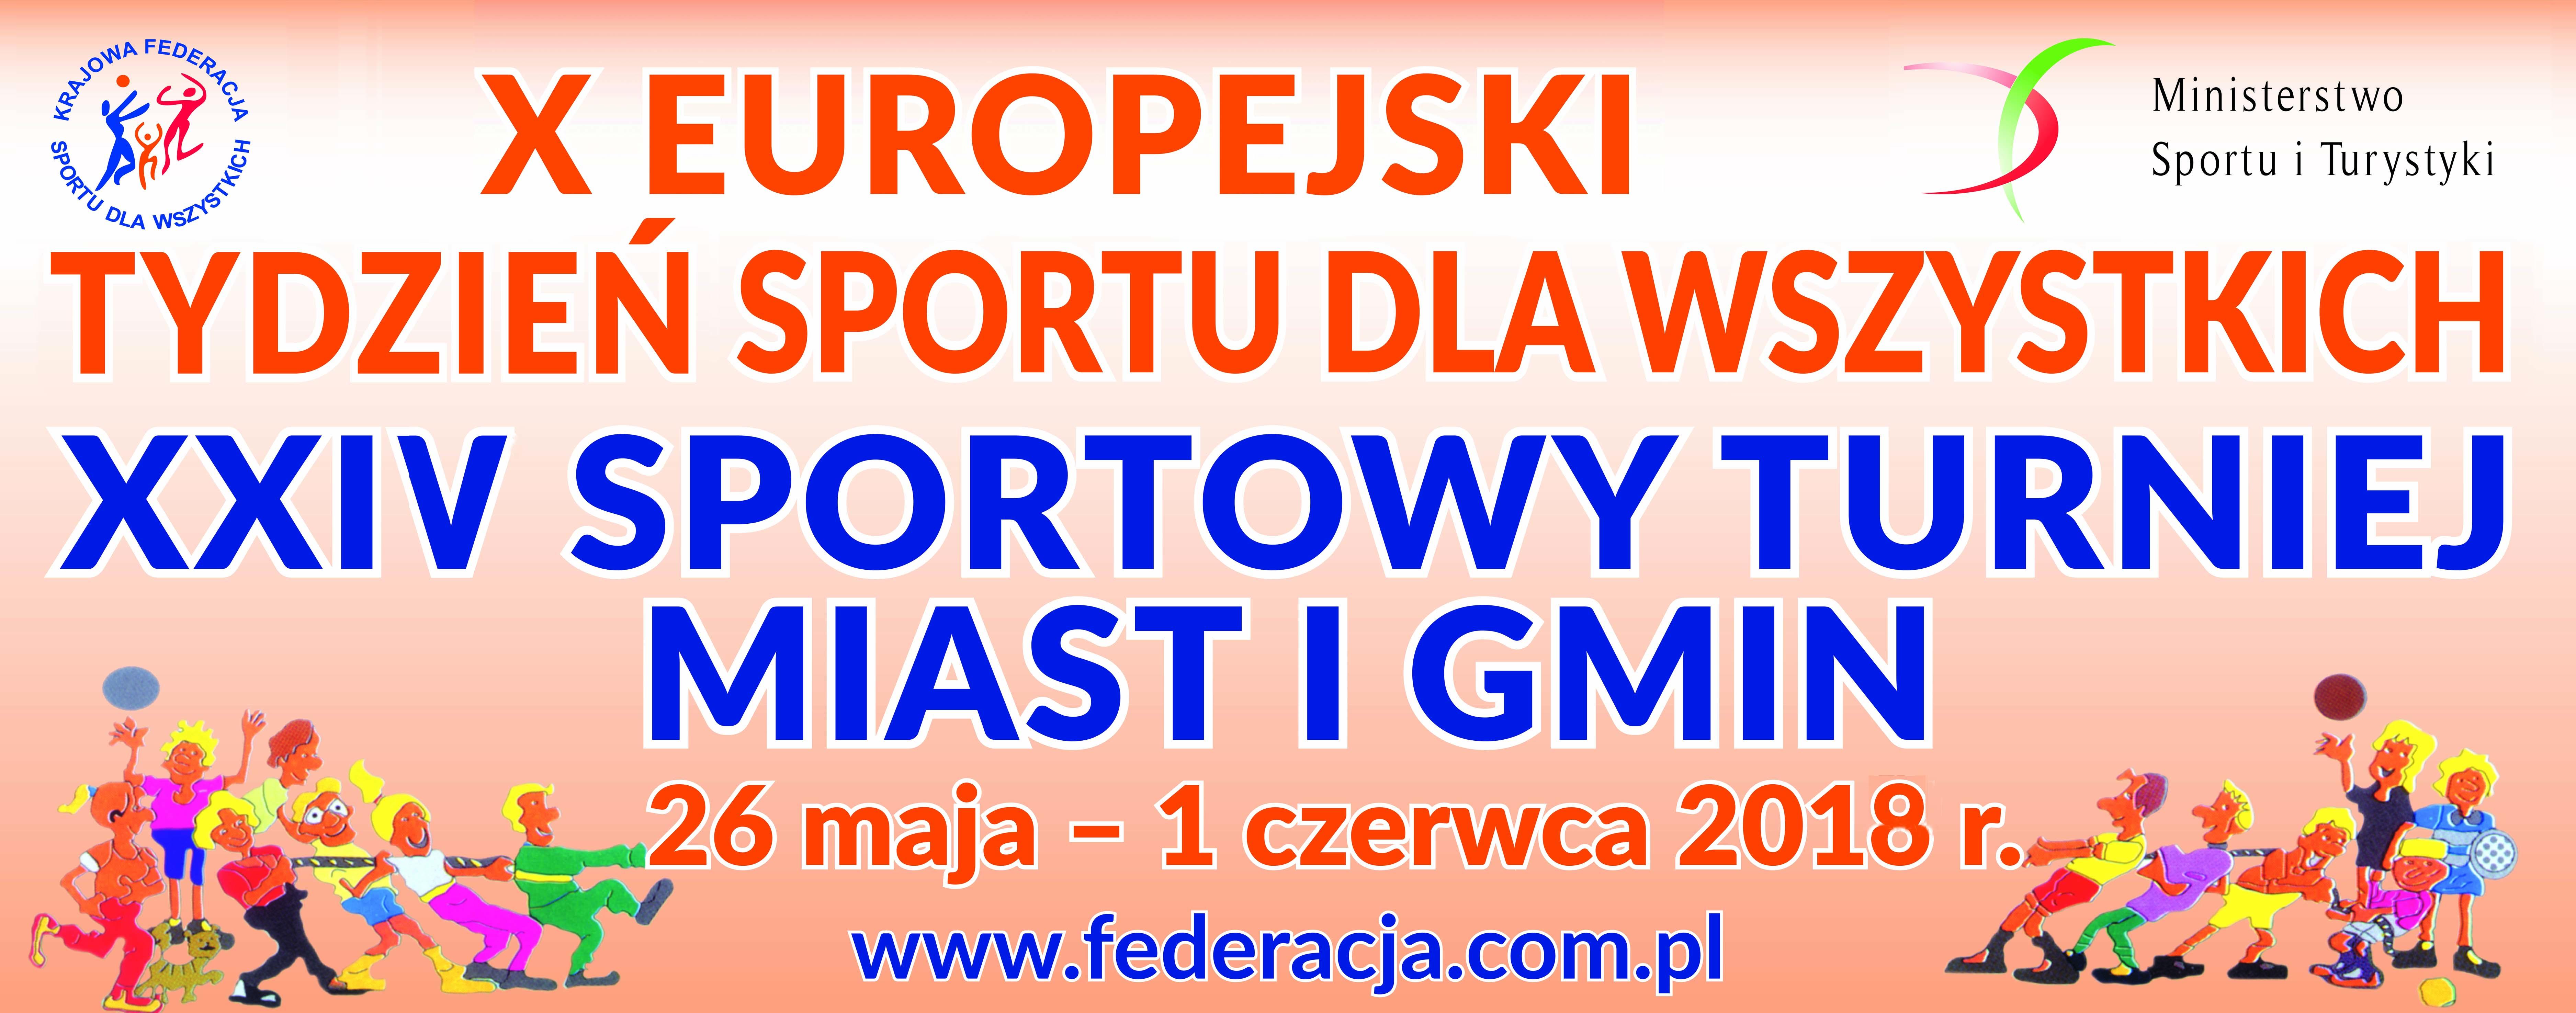 Sportowy Turniej Miast i Gmin, Miasto Białogard